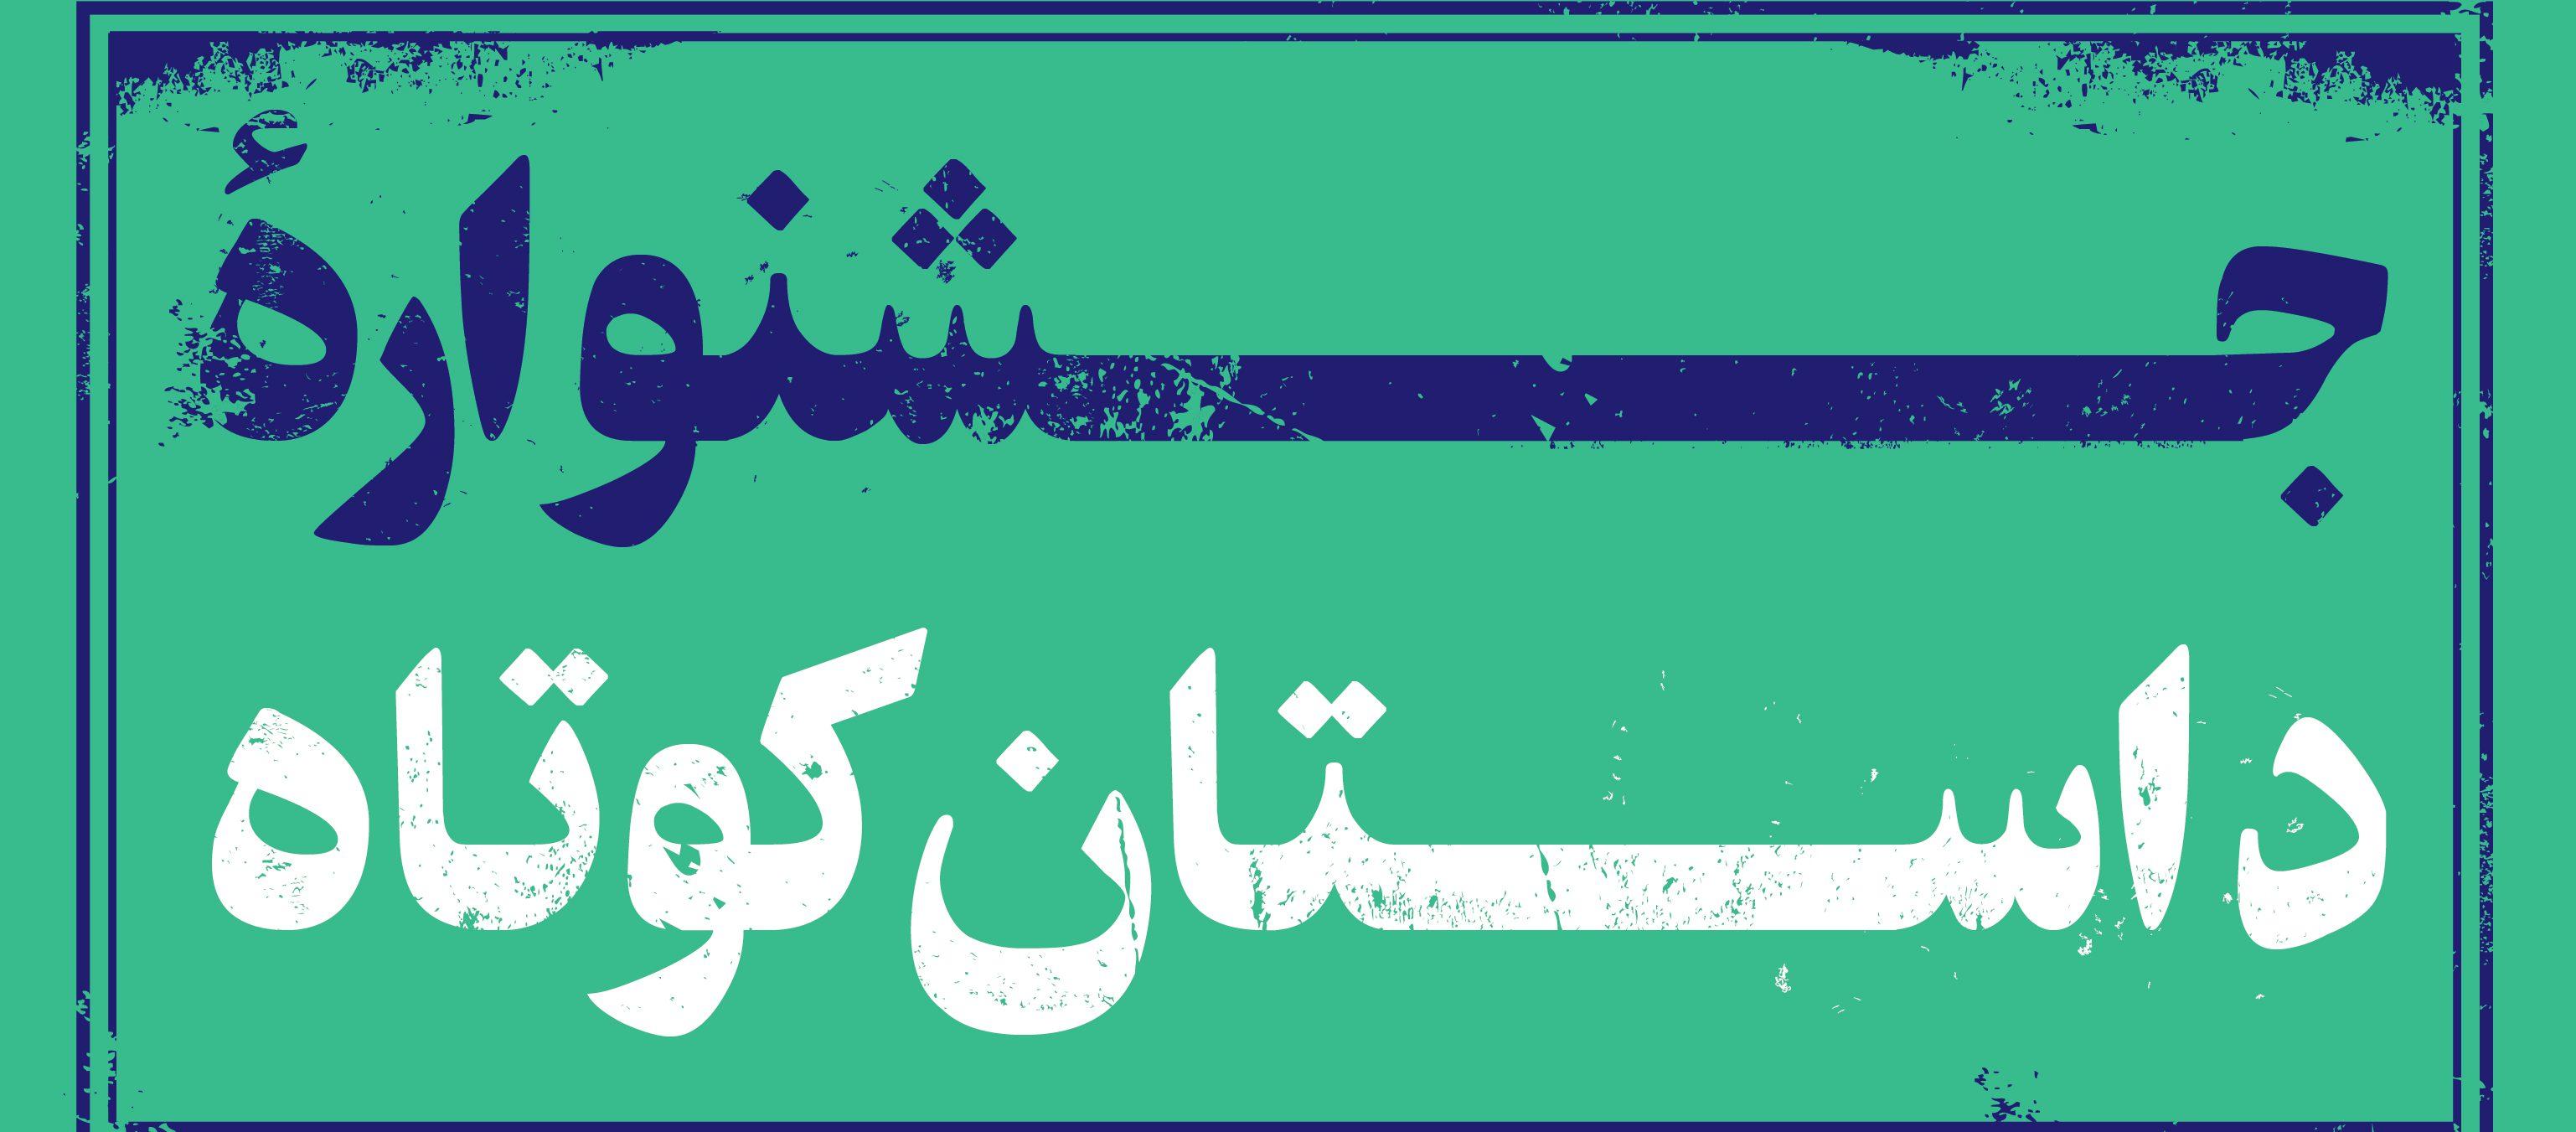 دومین جشنواره داستان کوتاه بهاران